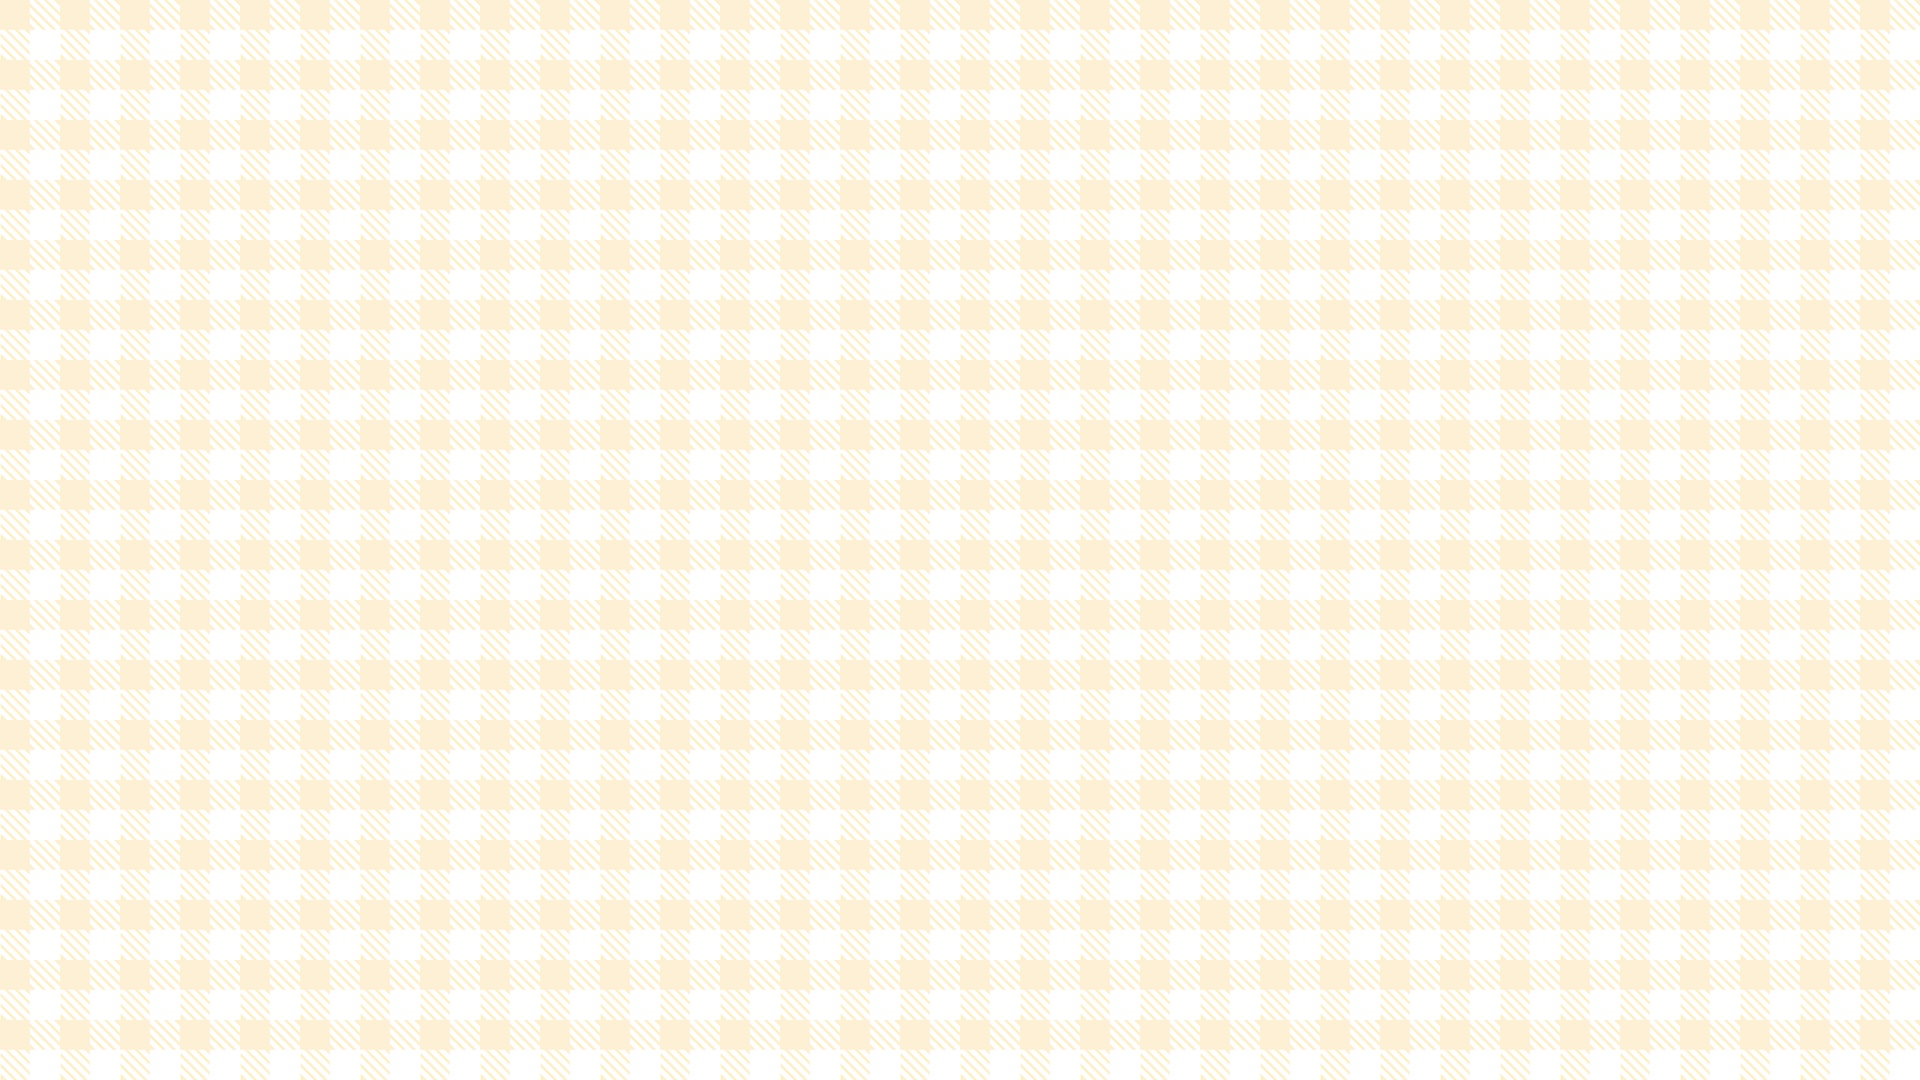 オレンジ色のチェック柄の壁